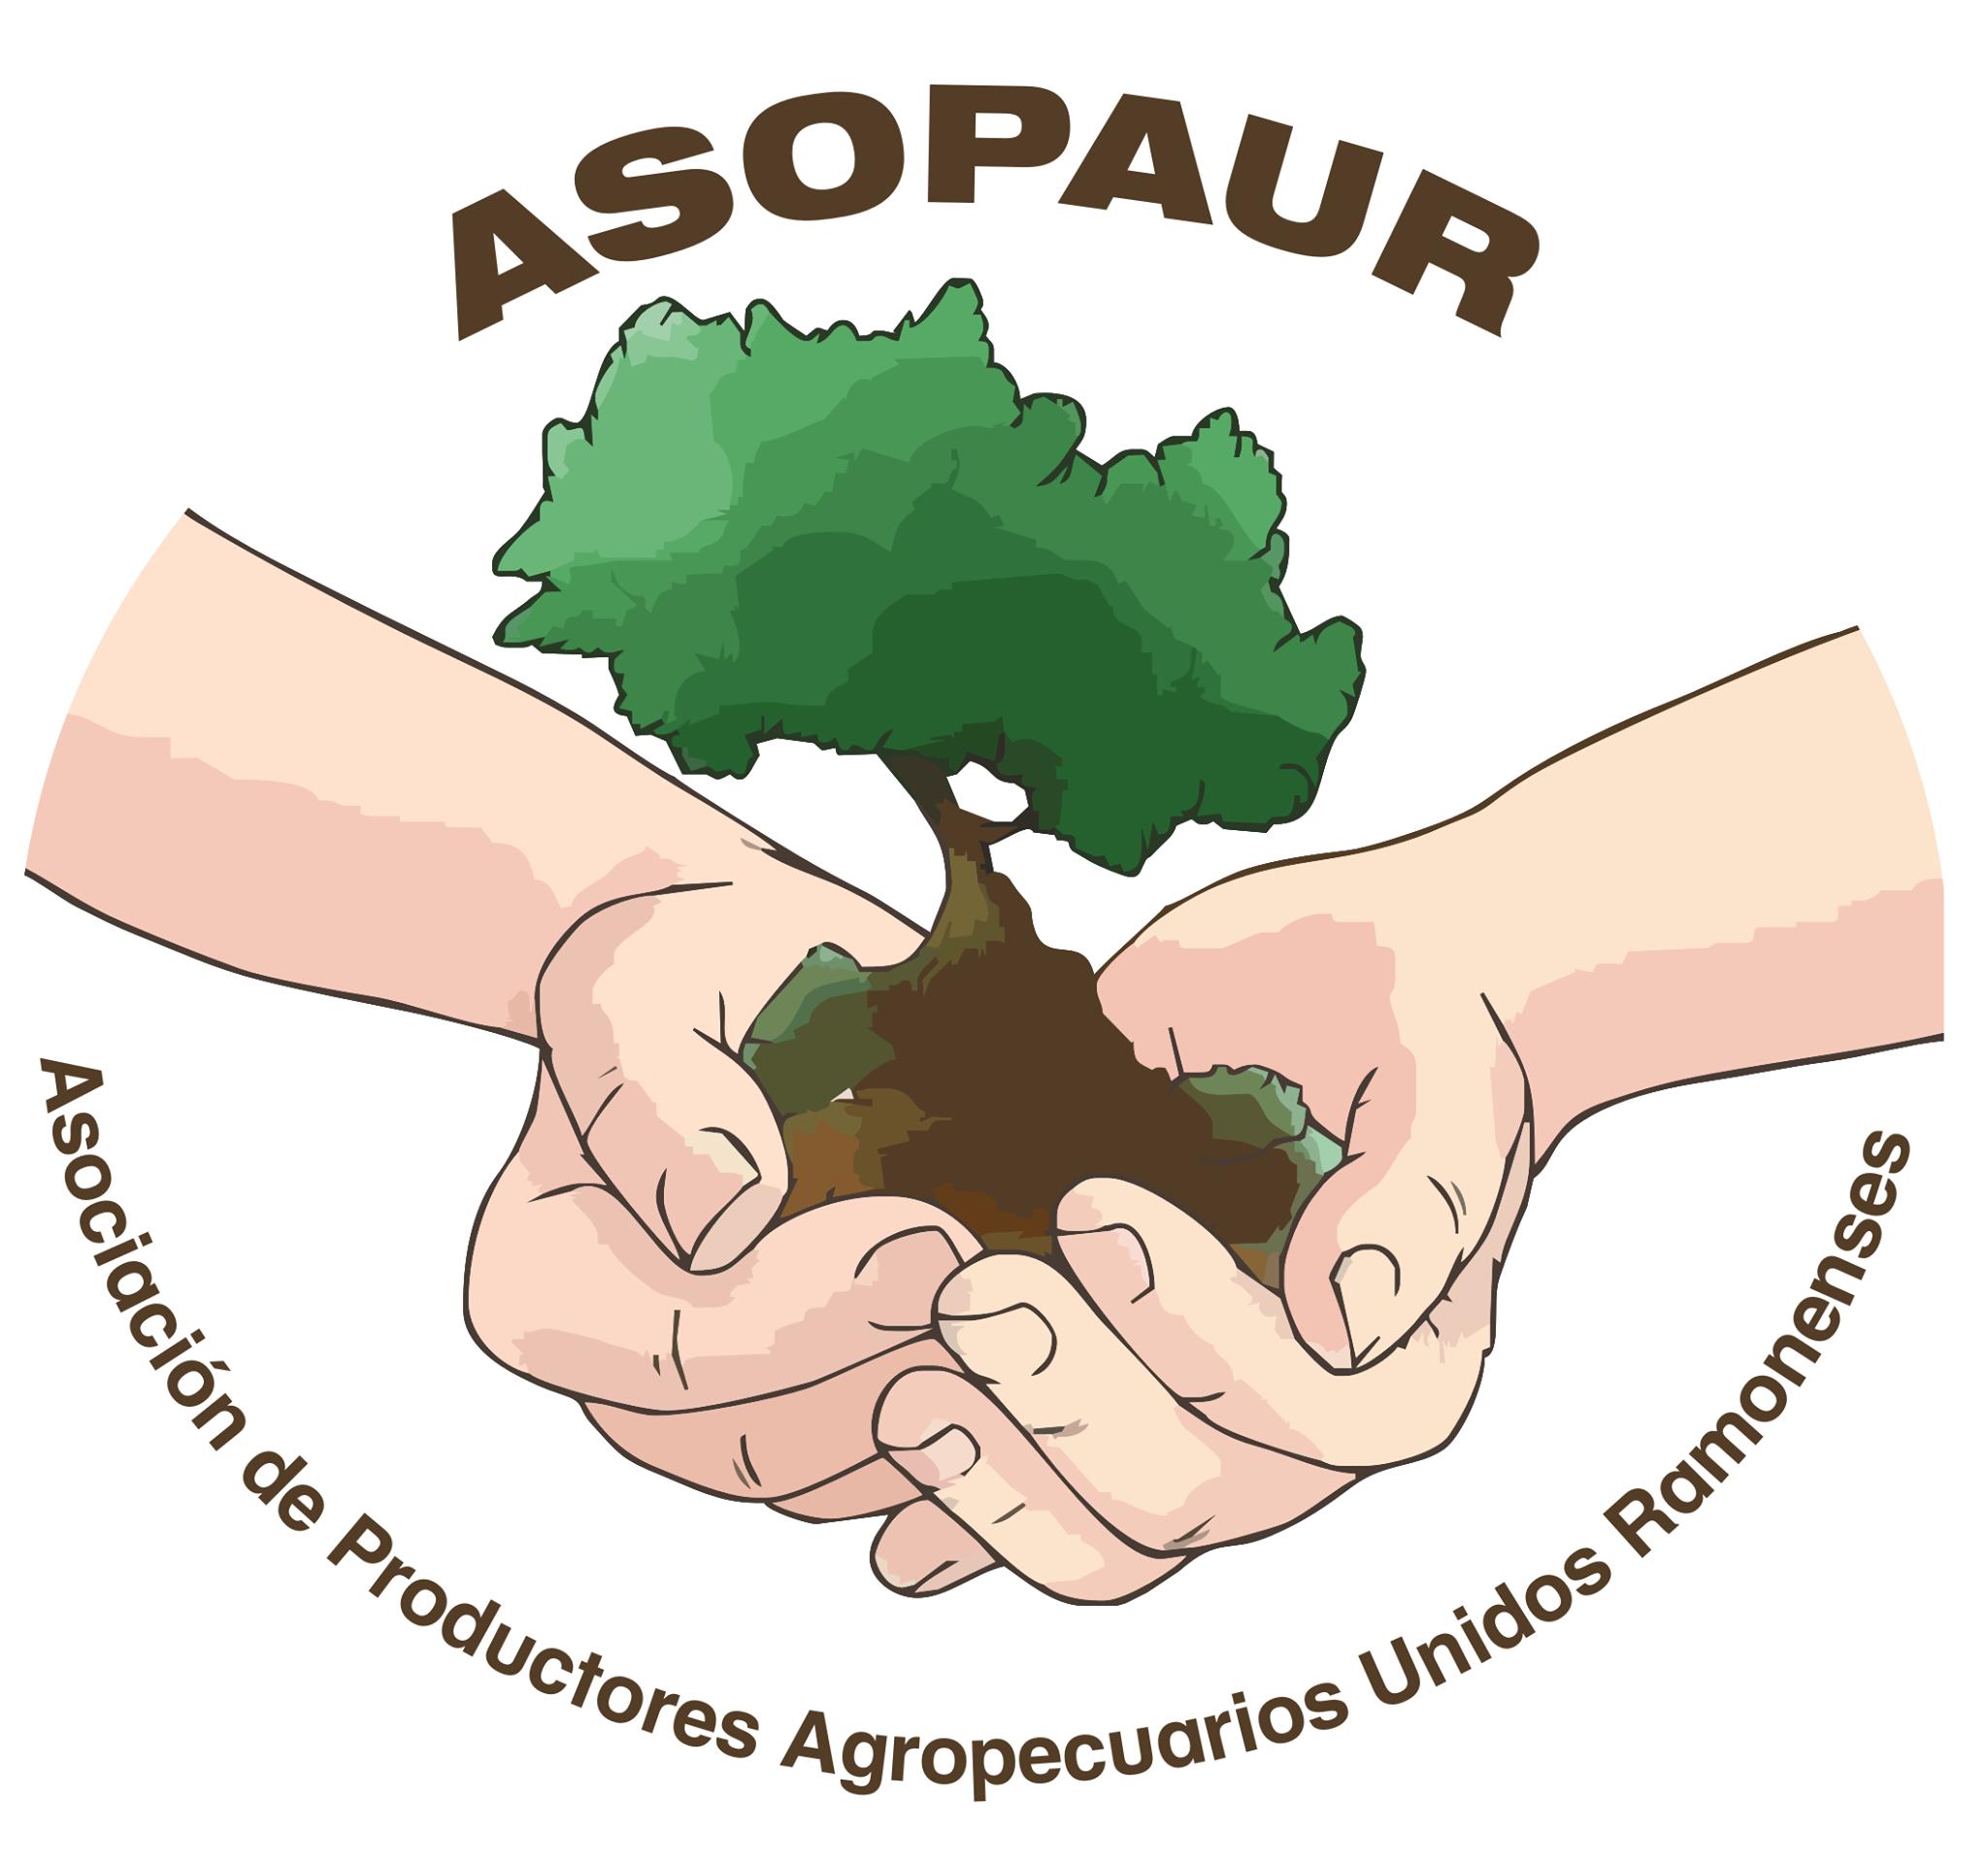 ASOPAUR, es una asociación de productores agropecuarios sin fines de lucro, constituida en el año 2010, con sus respectivos estatus inscritos, se trabaja de forma paralela al seccional UPA San Ramón y Consejo de secciones del Central Pacifico de UPA.